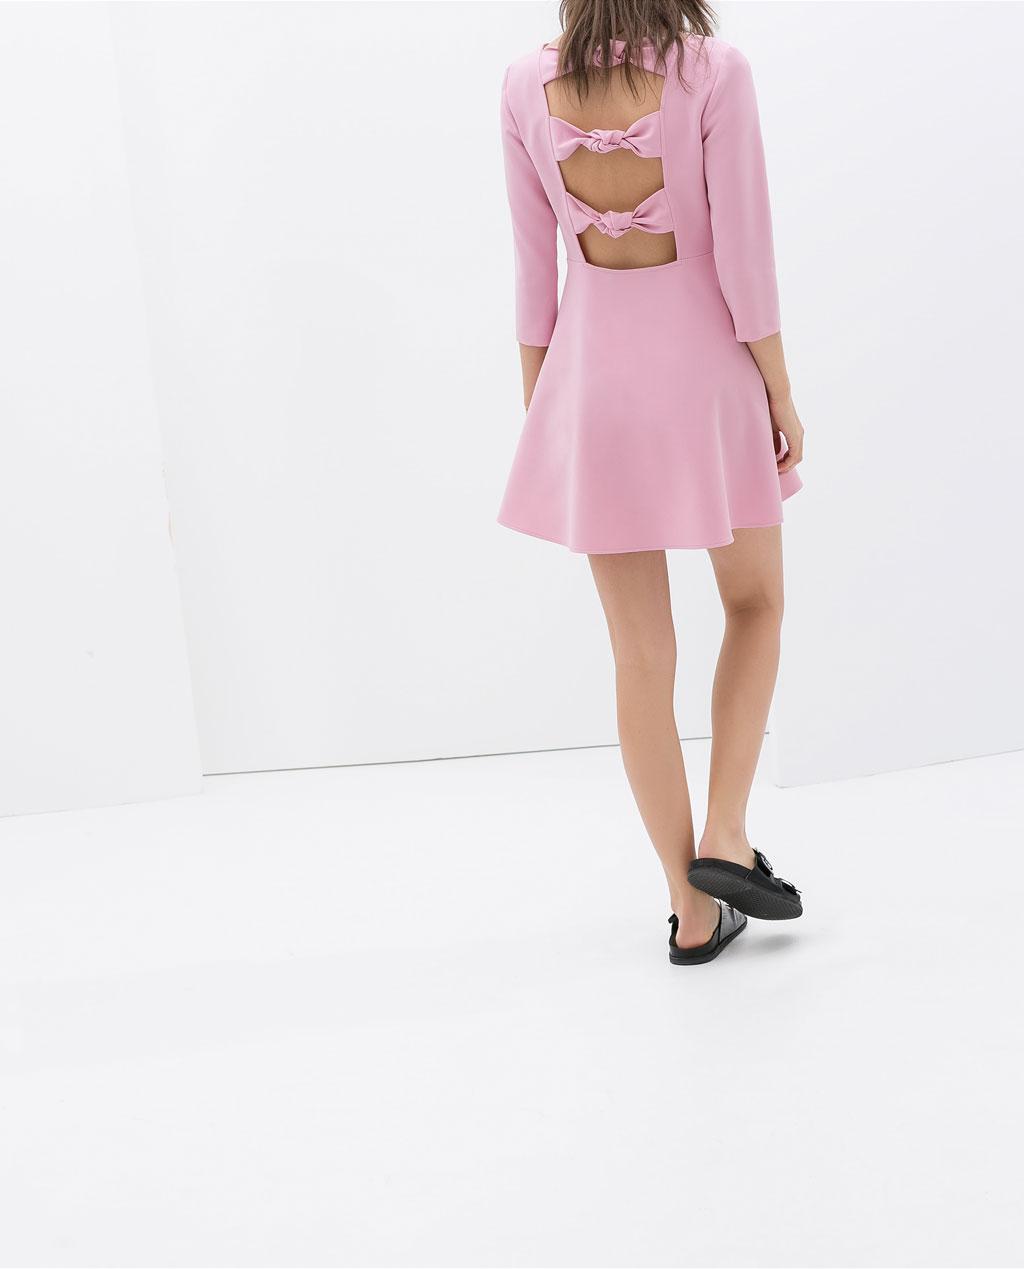 miredcarpet - Zara vestido primavera